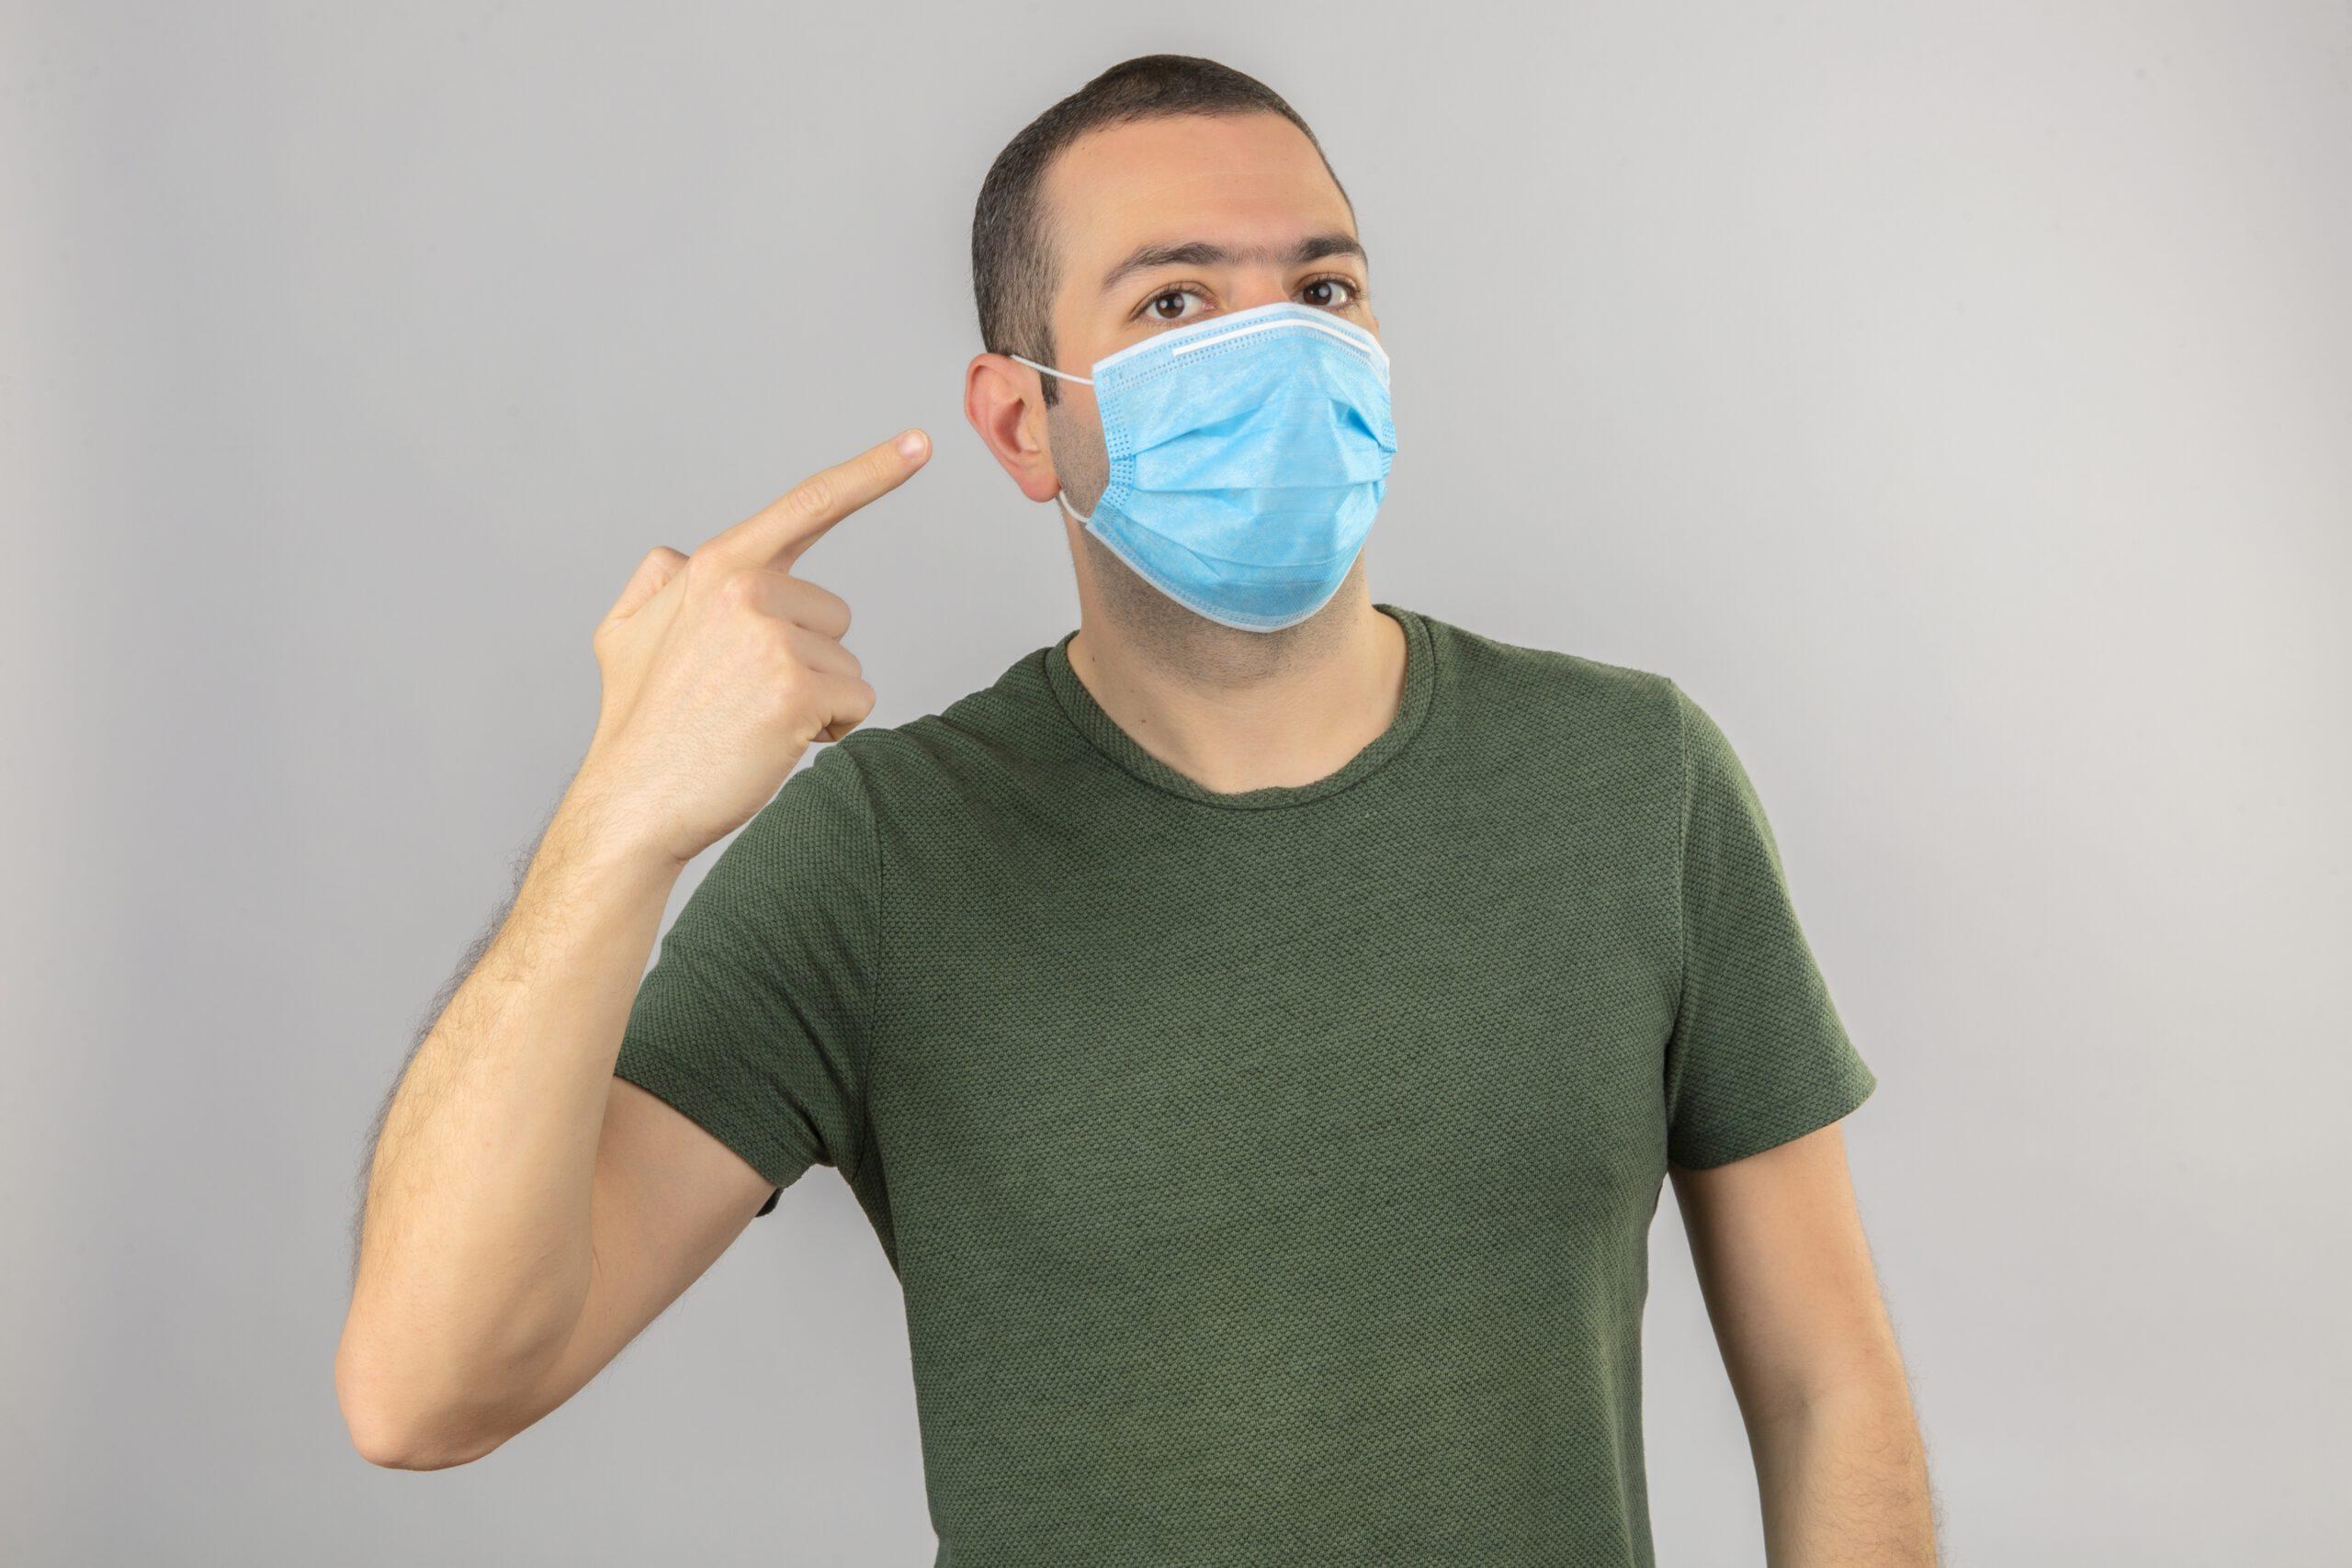 Eine Maske wirkt wie ein Sprachfilter. Töne und Sprache werden beeinträchtigt. Abbildung: stockking, freepik